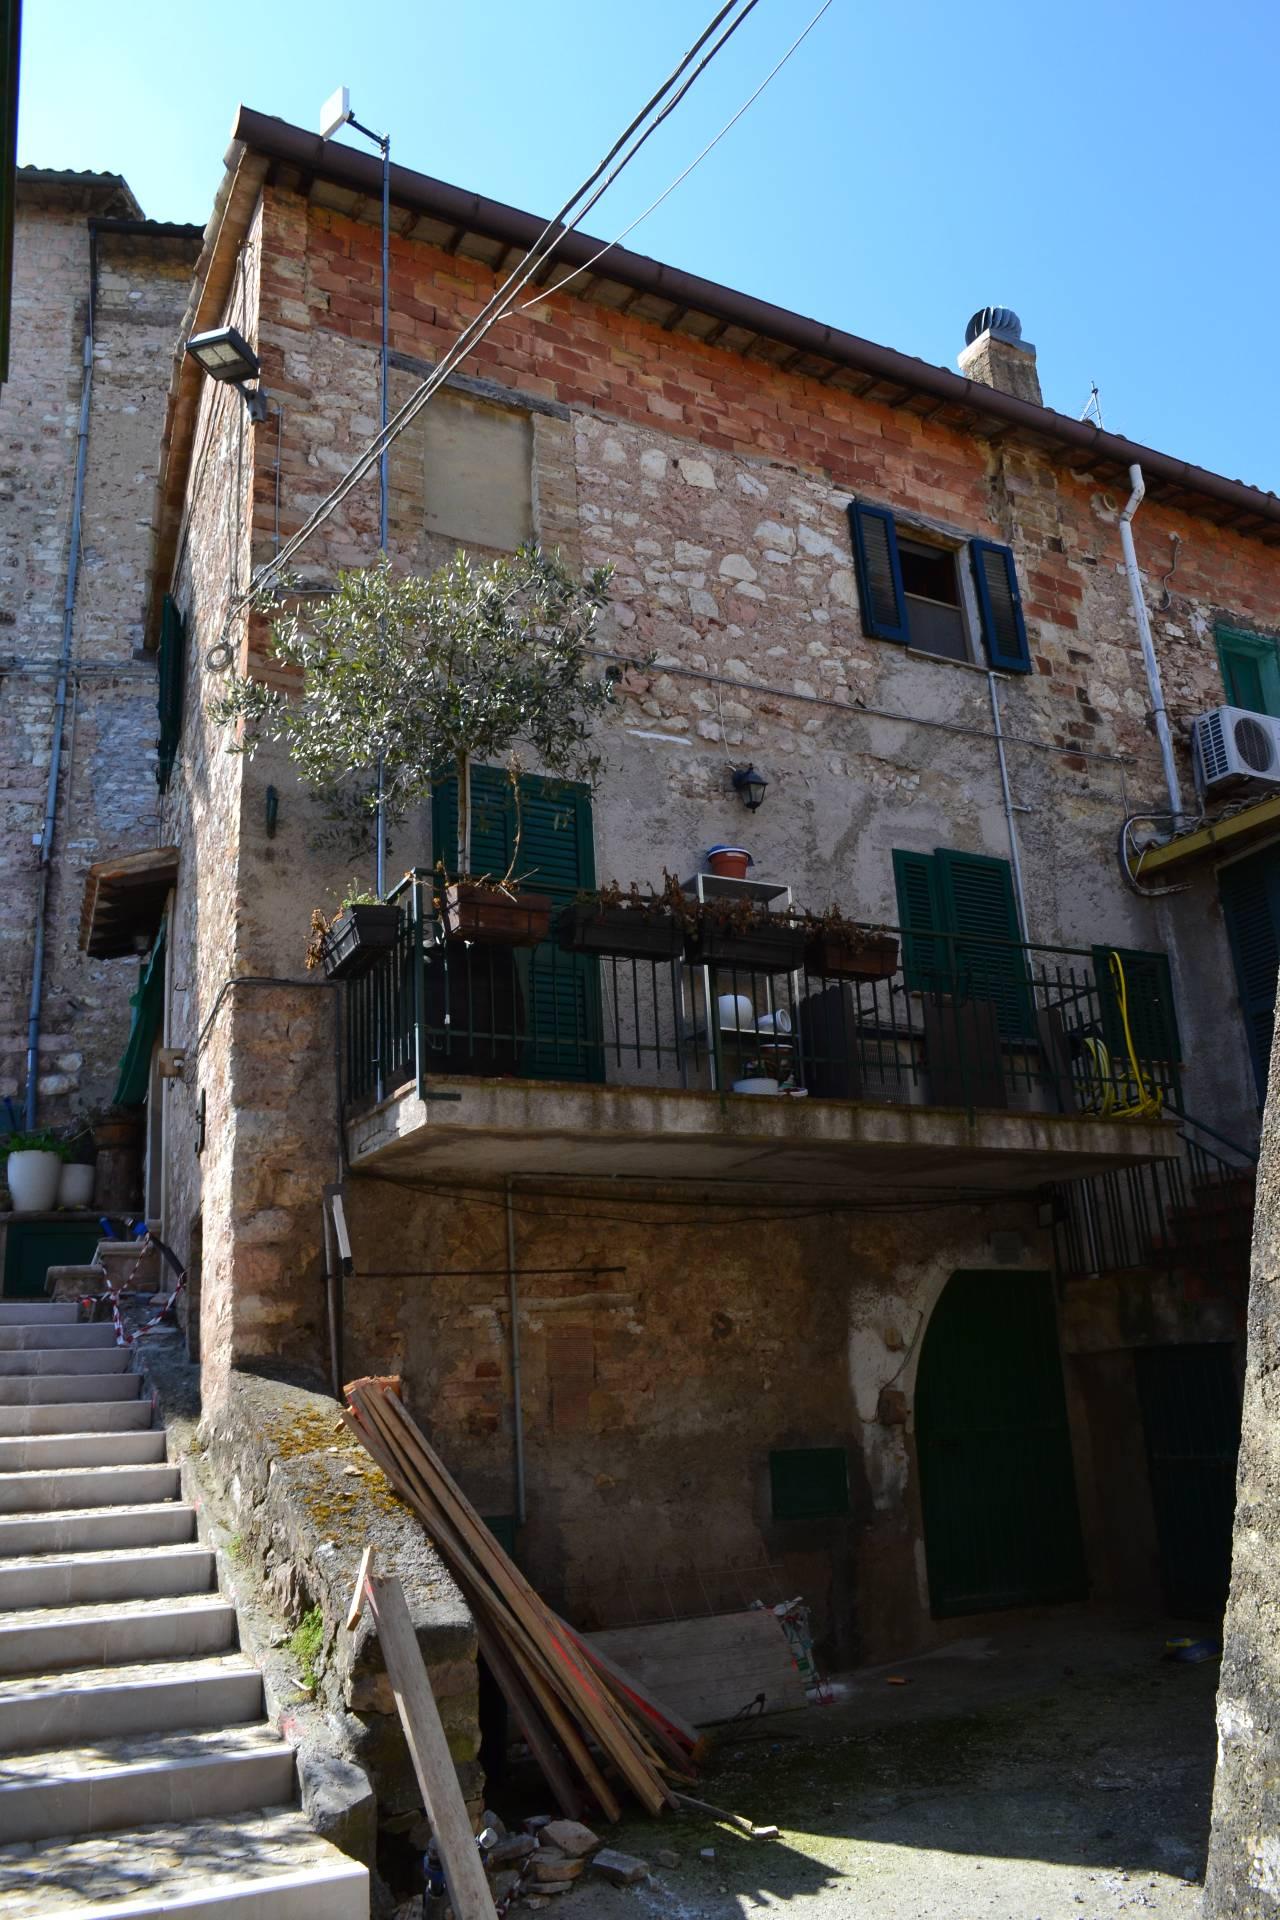 Appartamento in vendita a Giano dell'Umbria, 3 locali, prezzo € 27.000 | Cambio Casa.it